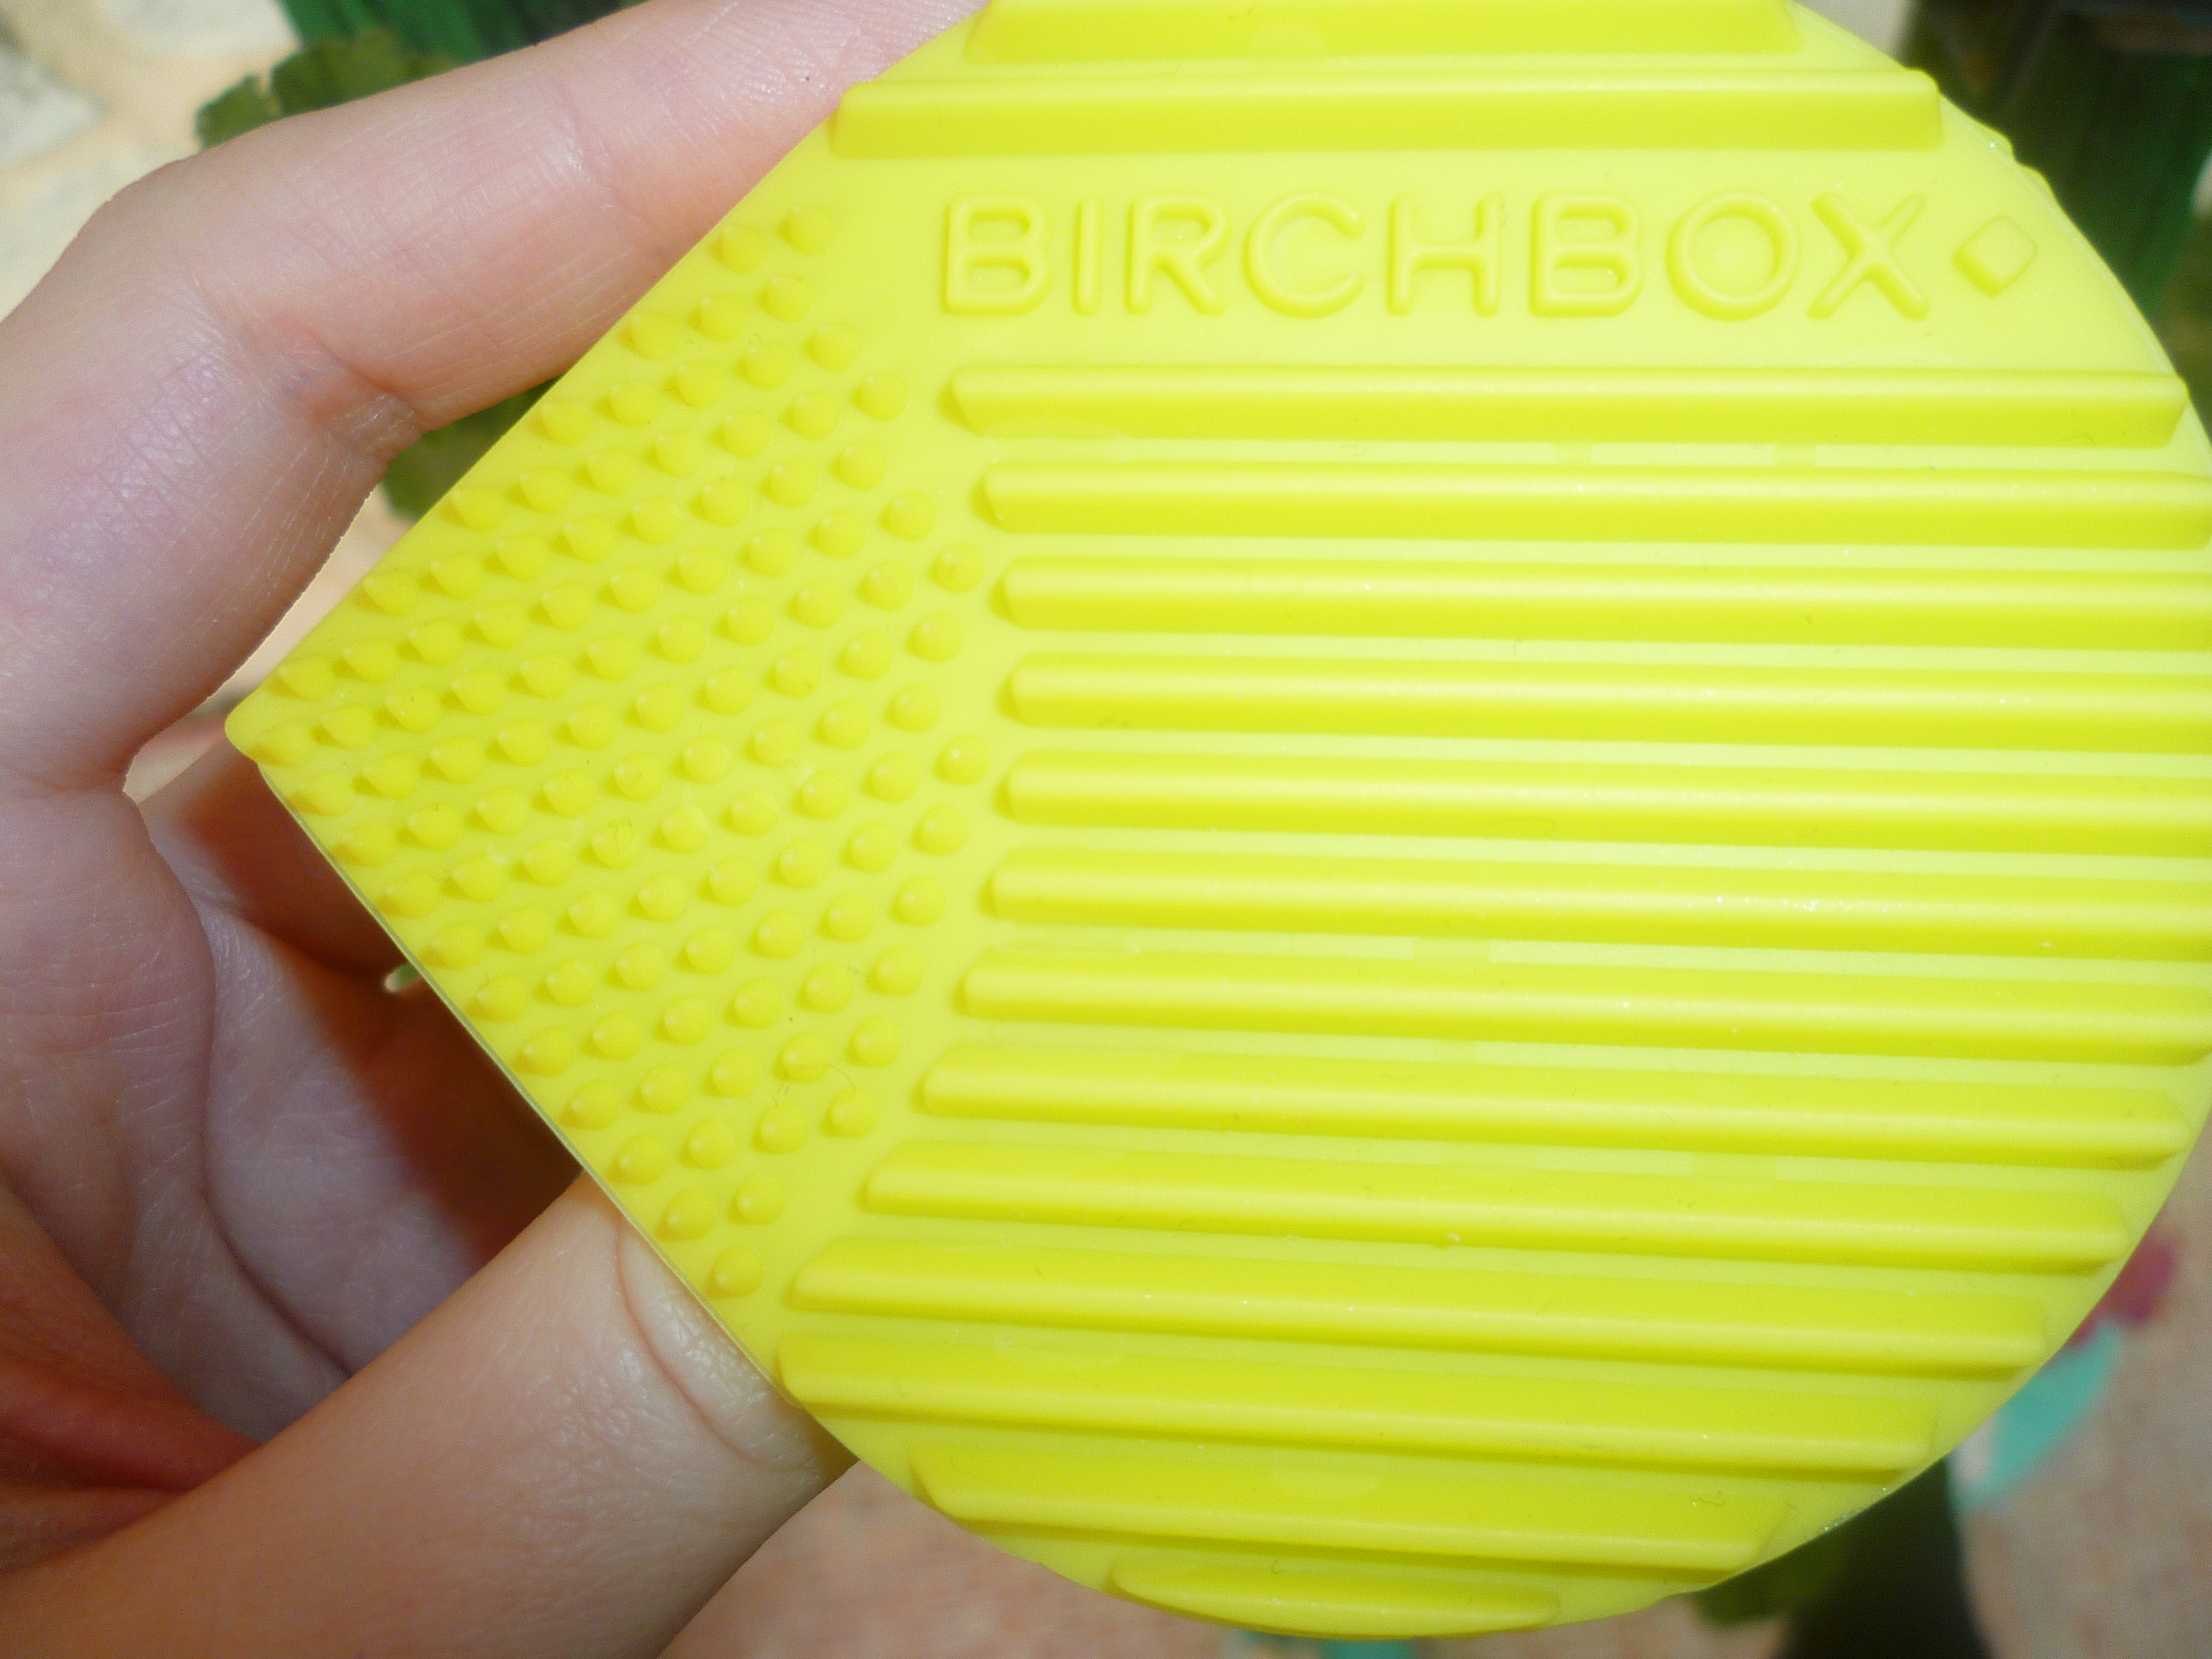 nettoyant birchbox (3)